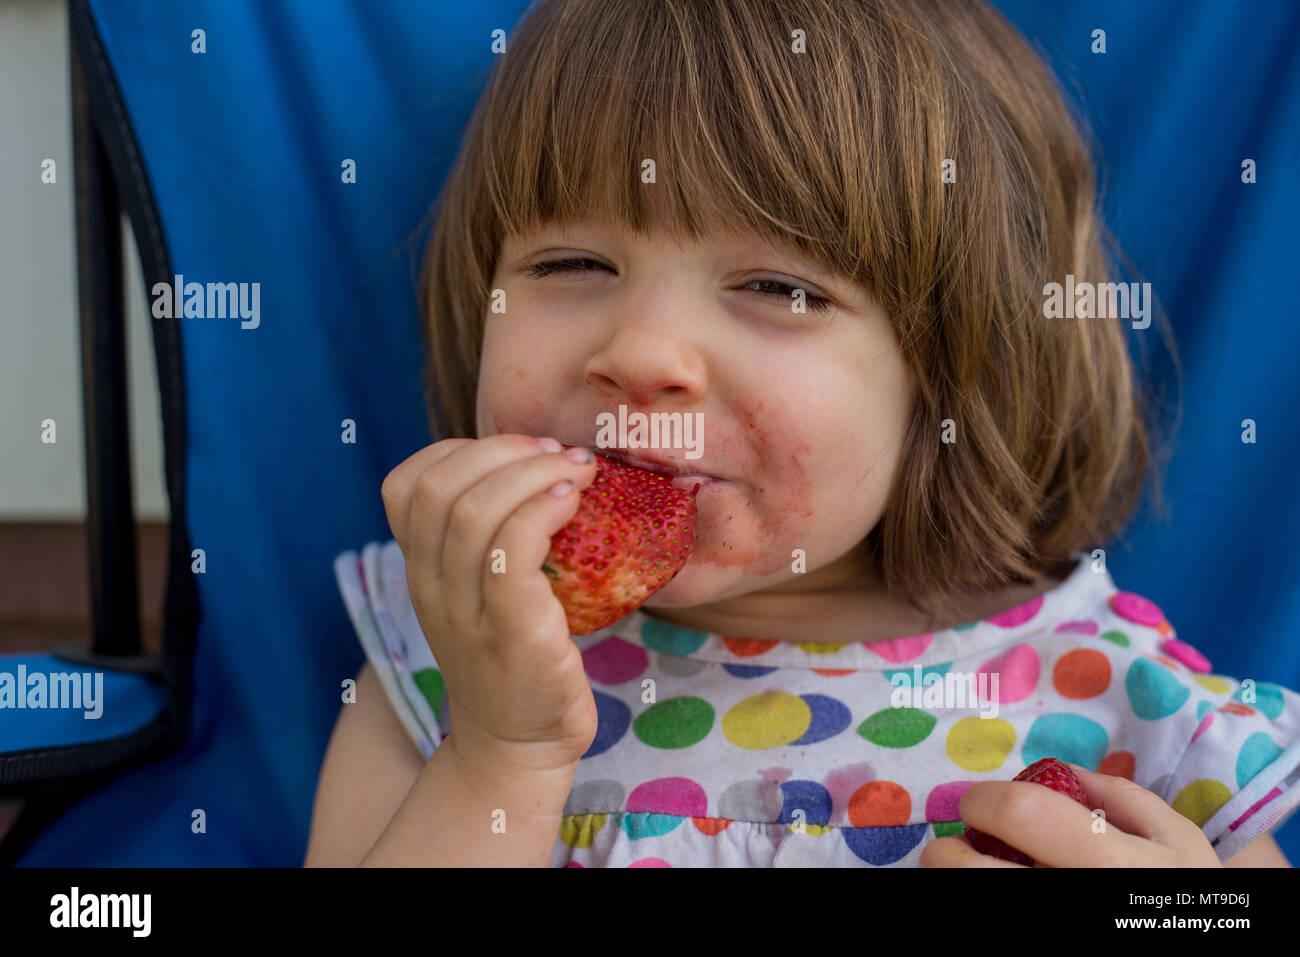 Un niño de 3 años que come una fresa. Imagen De Stock